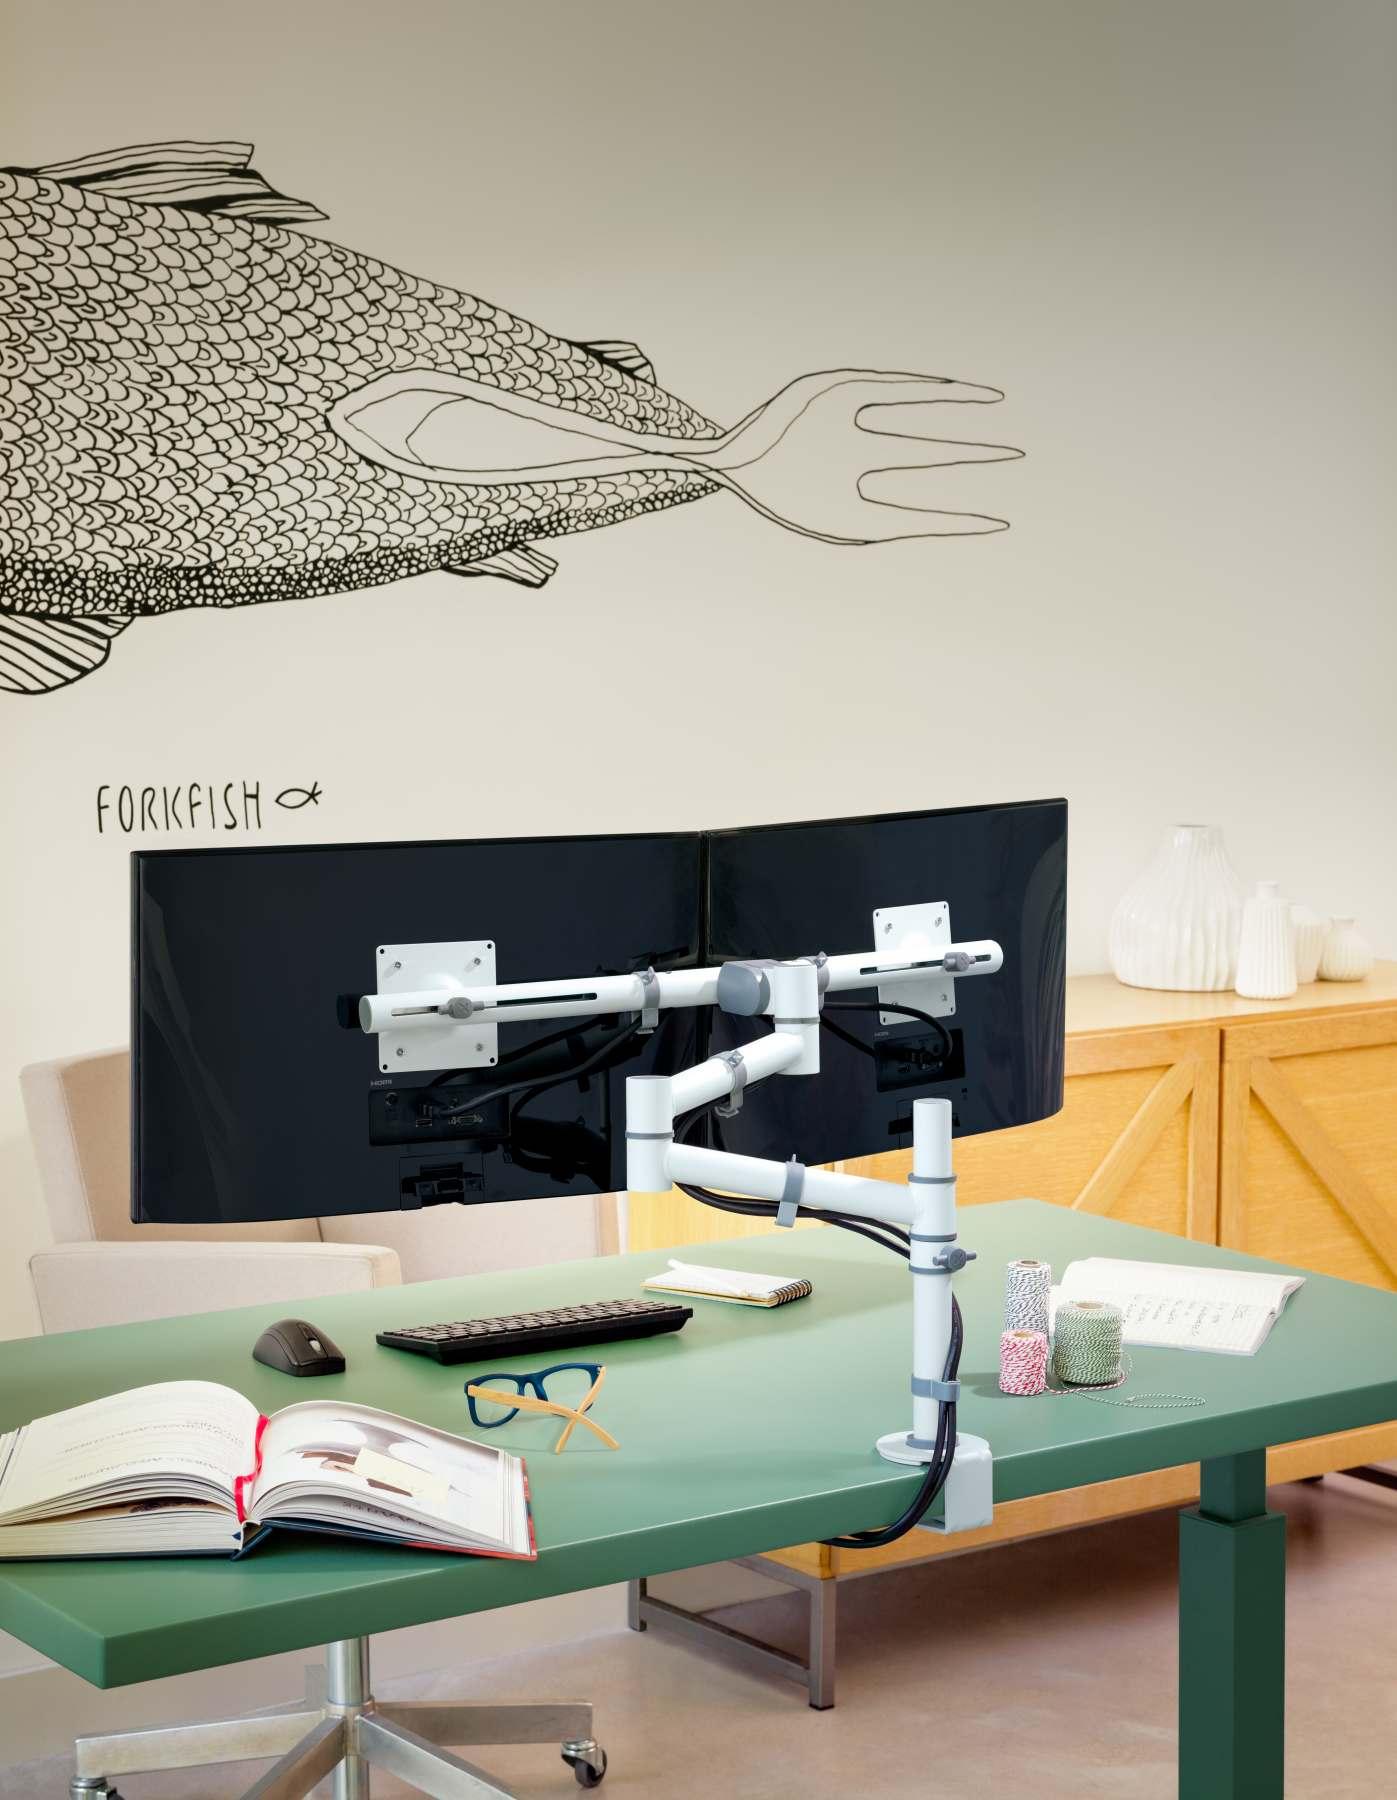 warum sie mit 2 bildschirmen besser arbeiten als mit einem. Black Bedroom Furniture Sets. Home Design Ideas